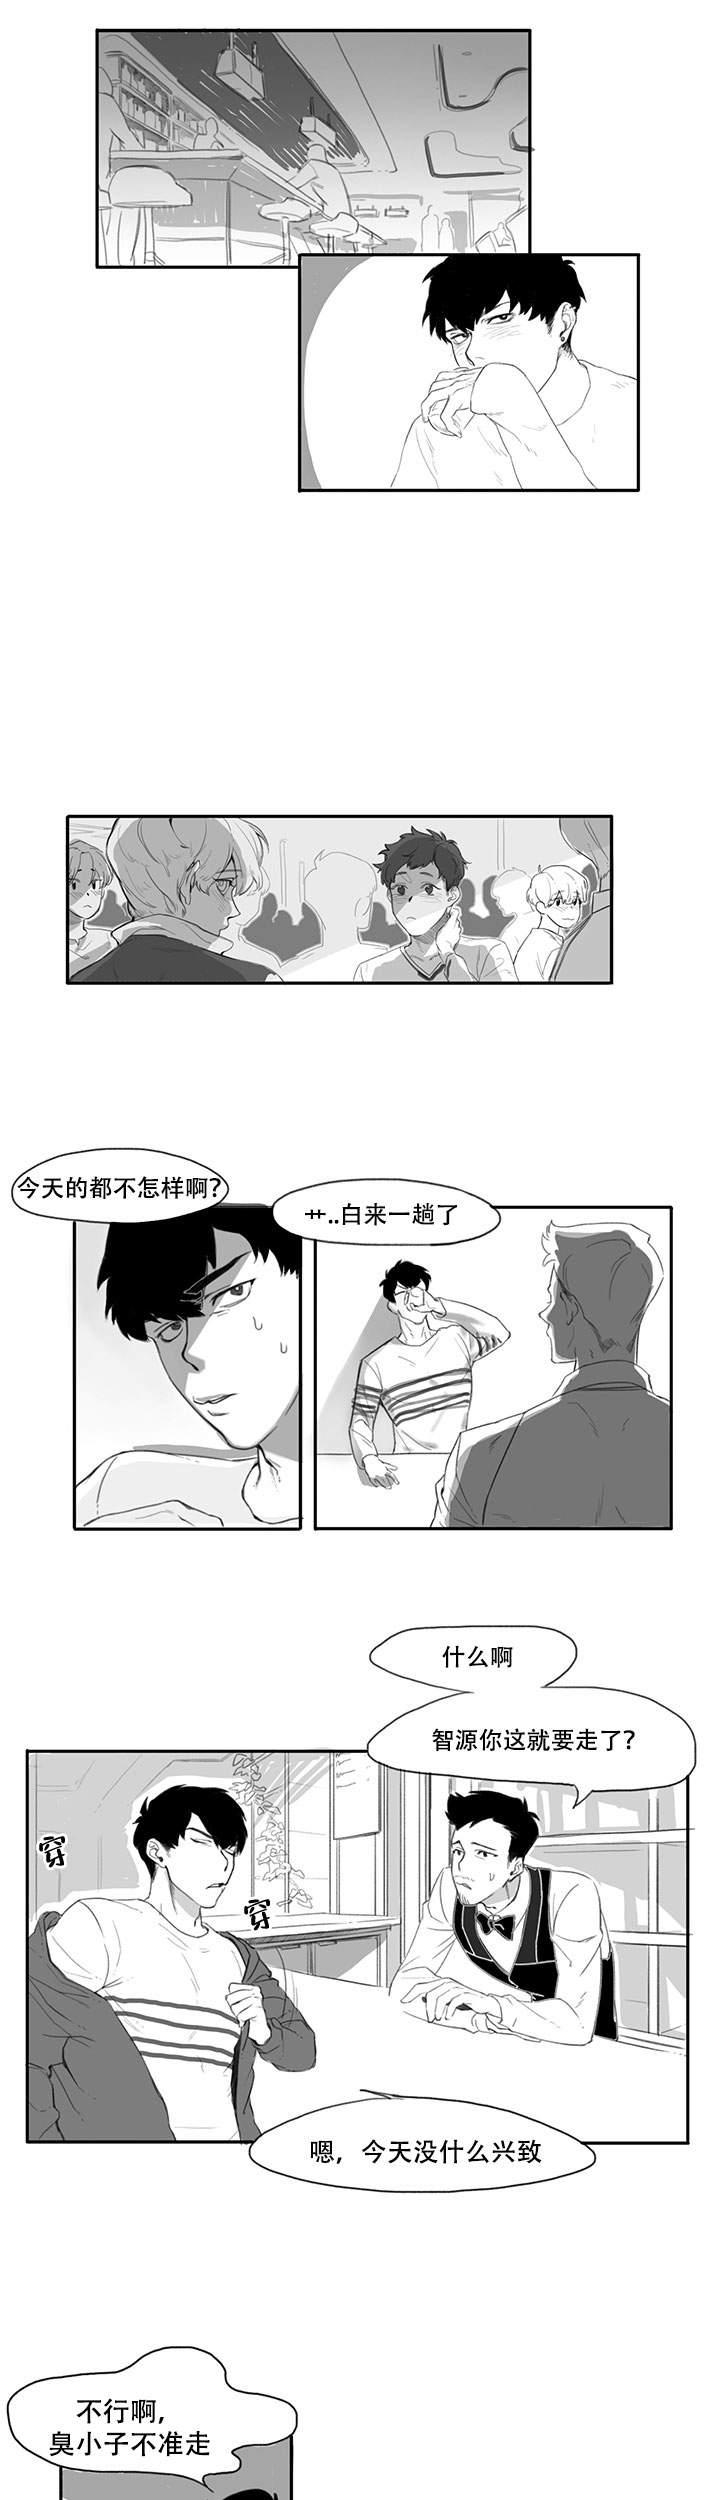 晚上的事谁知道-免费漫画完整版汉化_全文在线阅读-啵乐漫画